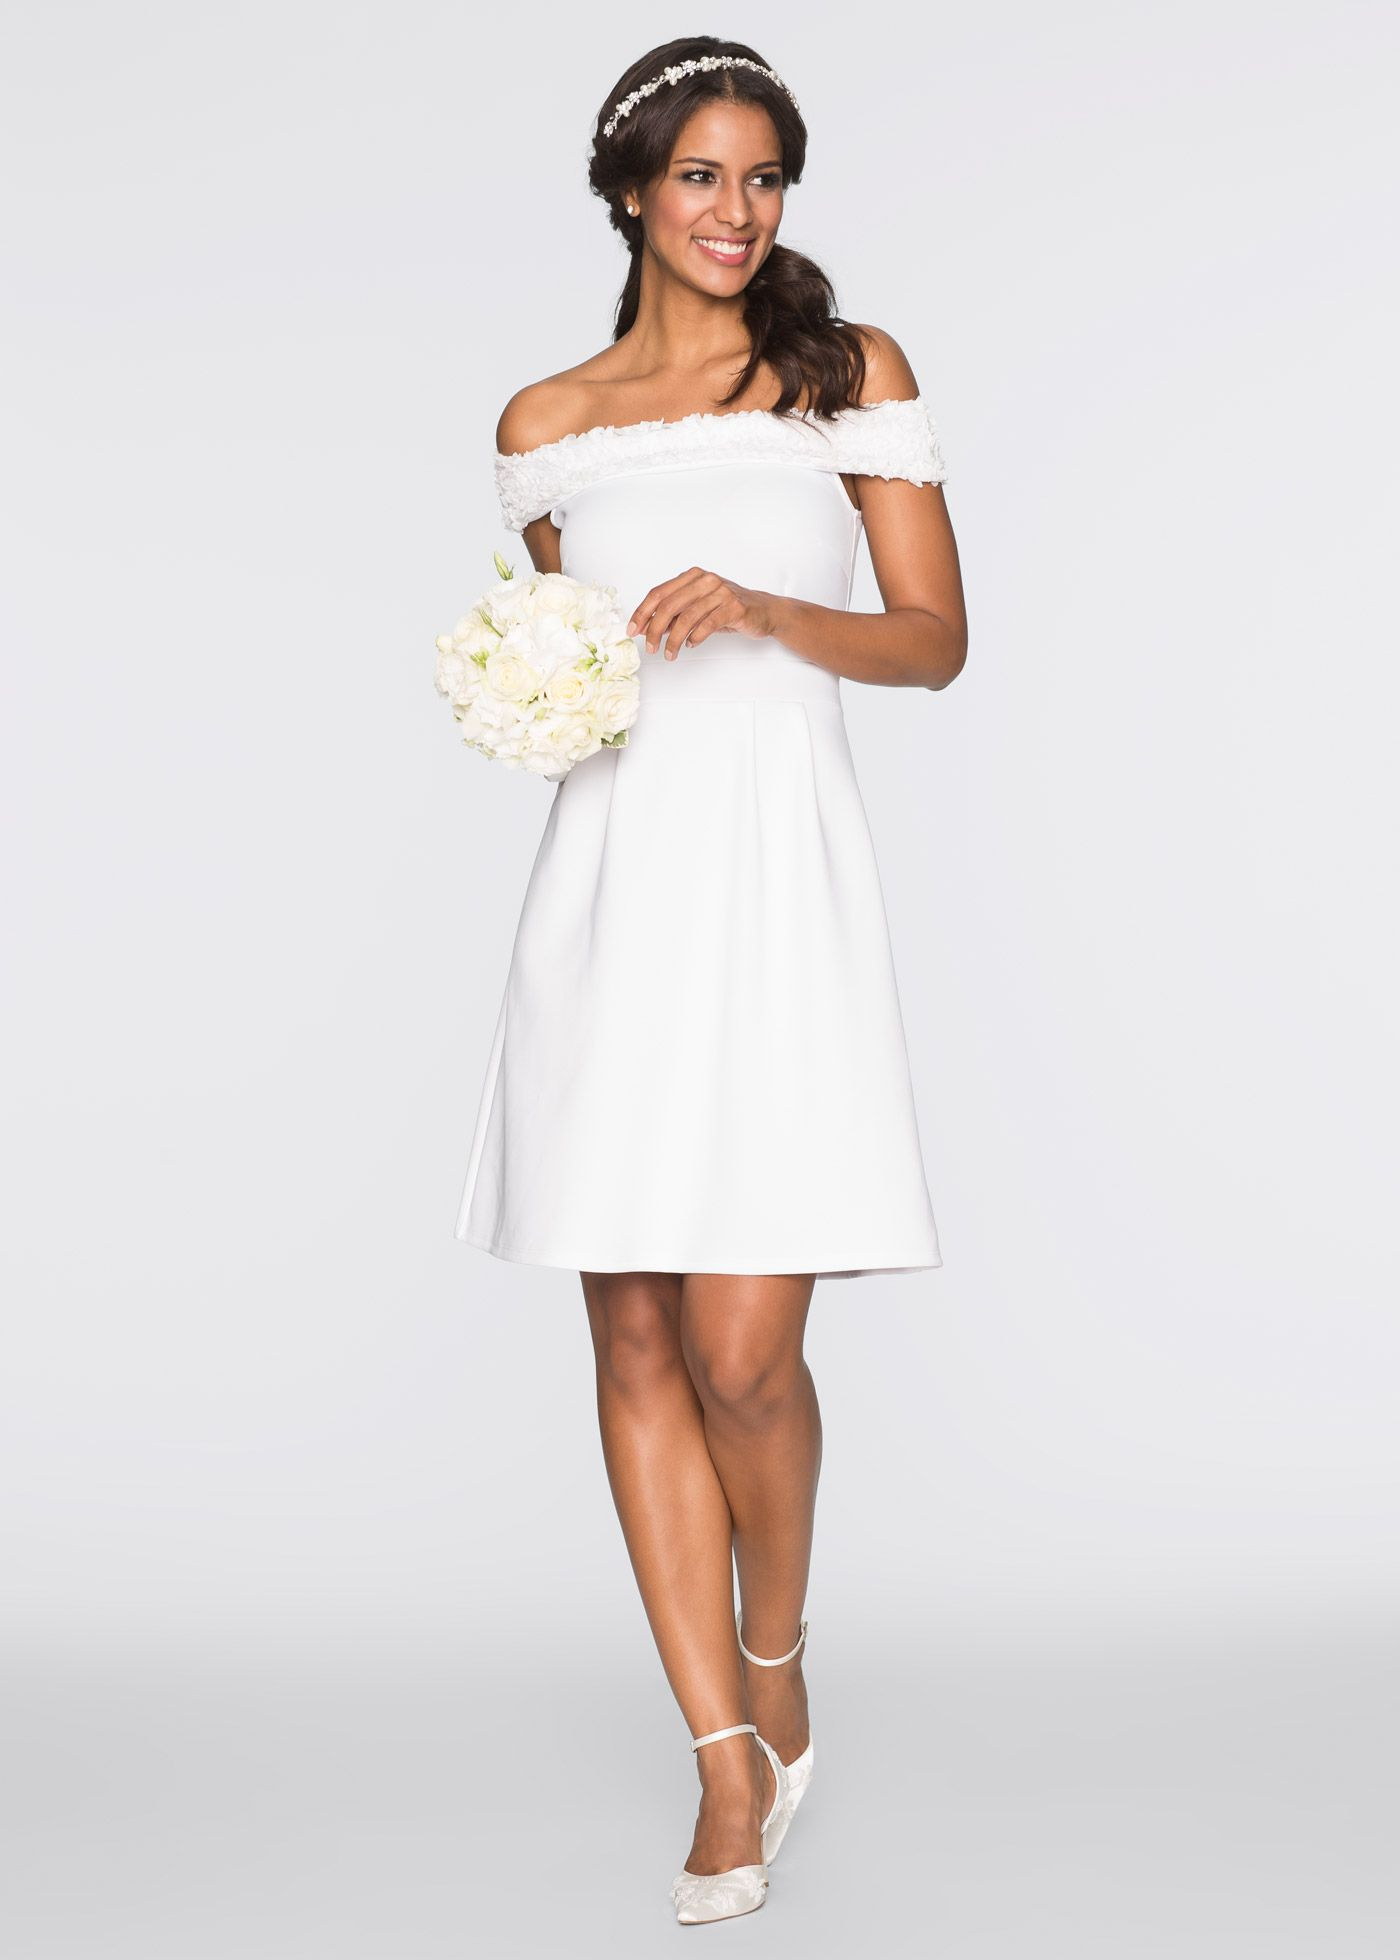 Kleid weiß jetzt im Online Shop von bonprix.de ab € 19,19